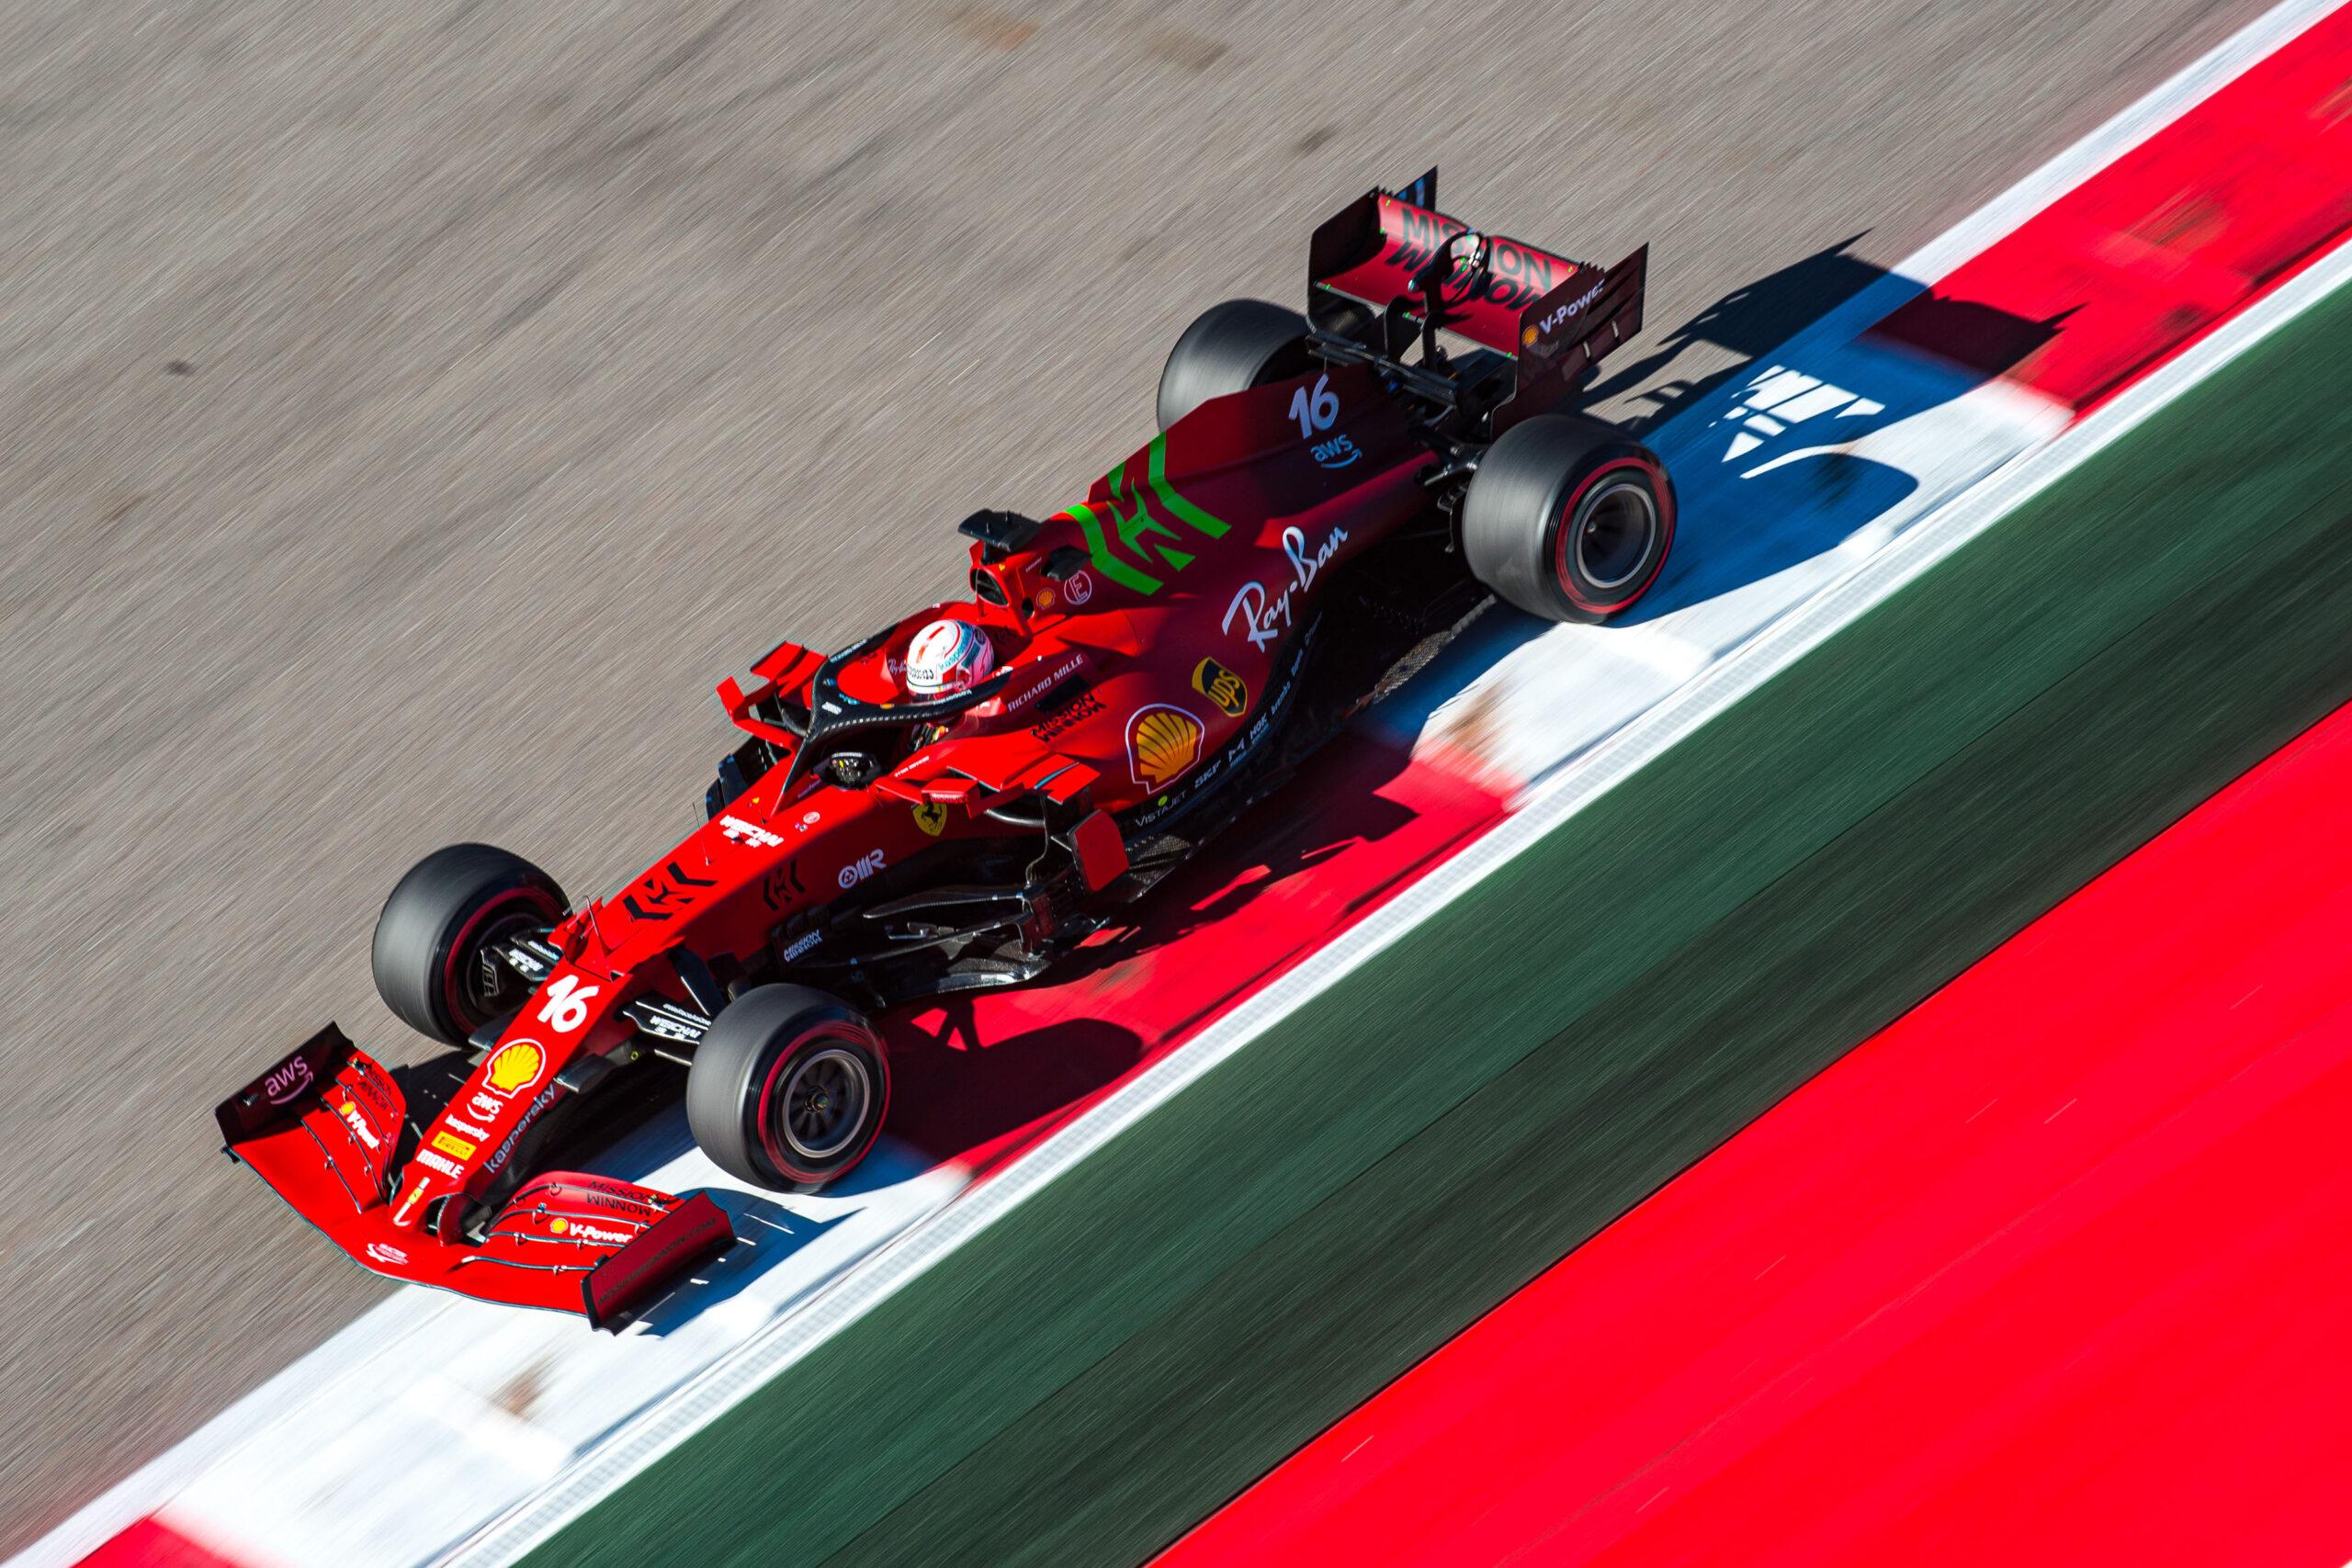 F1 - GP de Russie : A quelle heure sont programmées les qualifications ce samedi ?